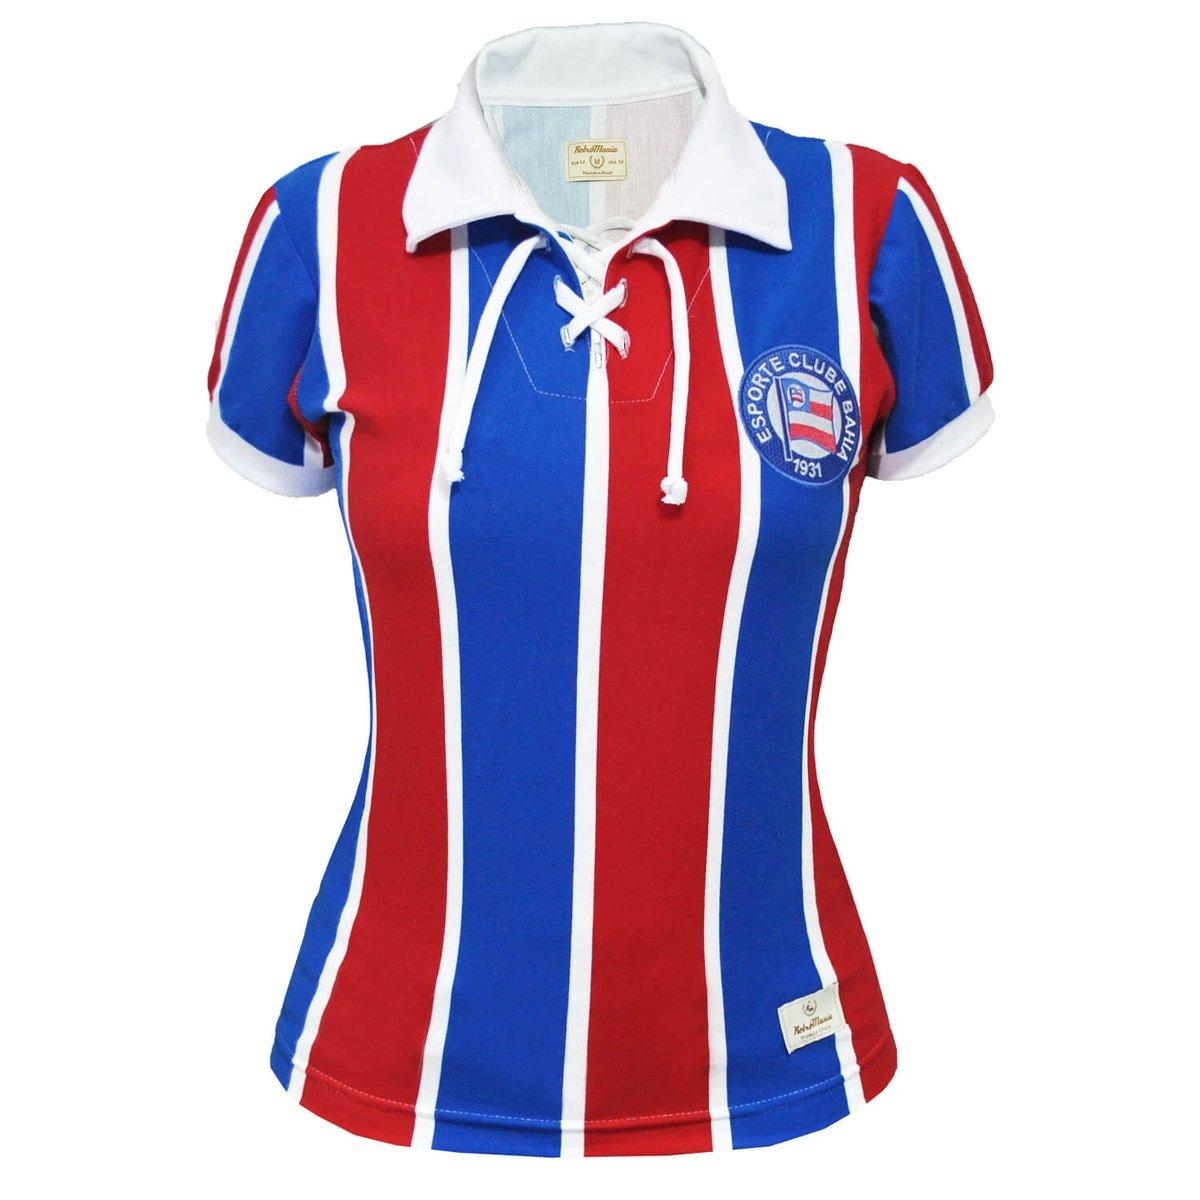 EC Azul Feminina Mania Camisa Vermelho Cordinha e Retrô Bahia xwpvUq7t